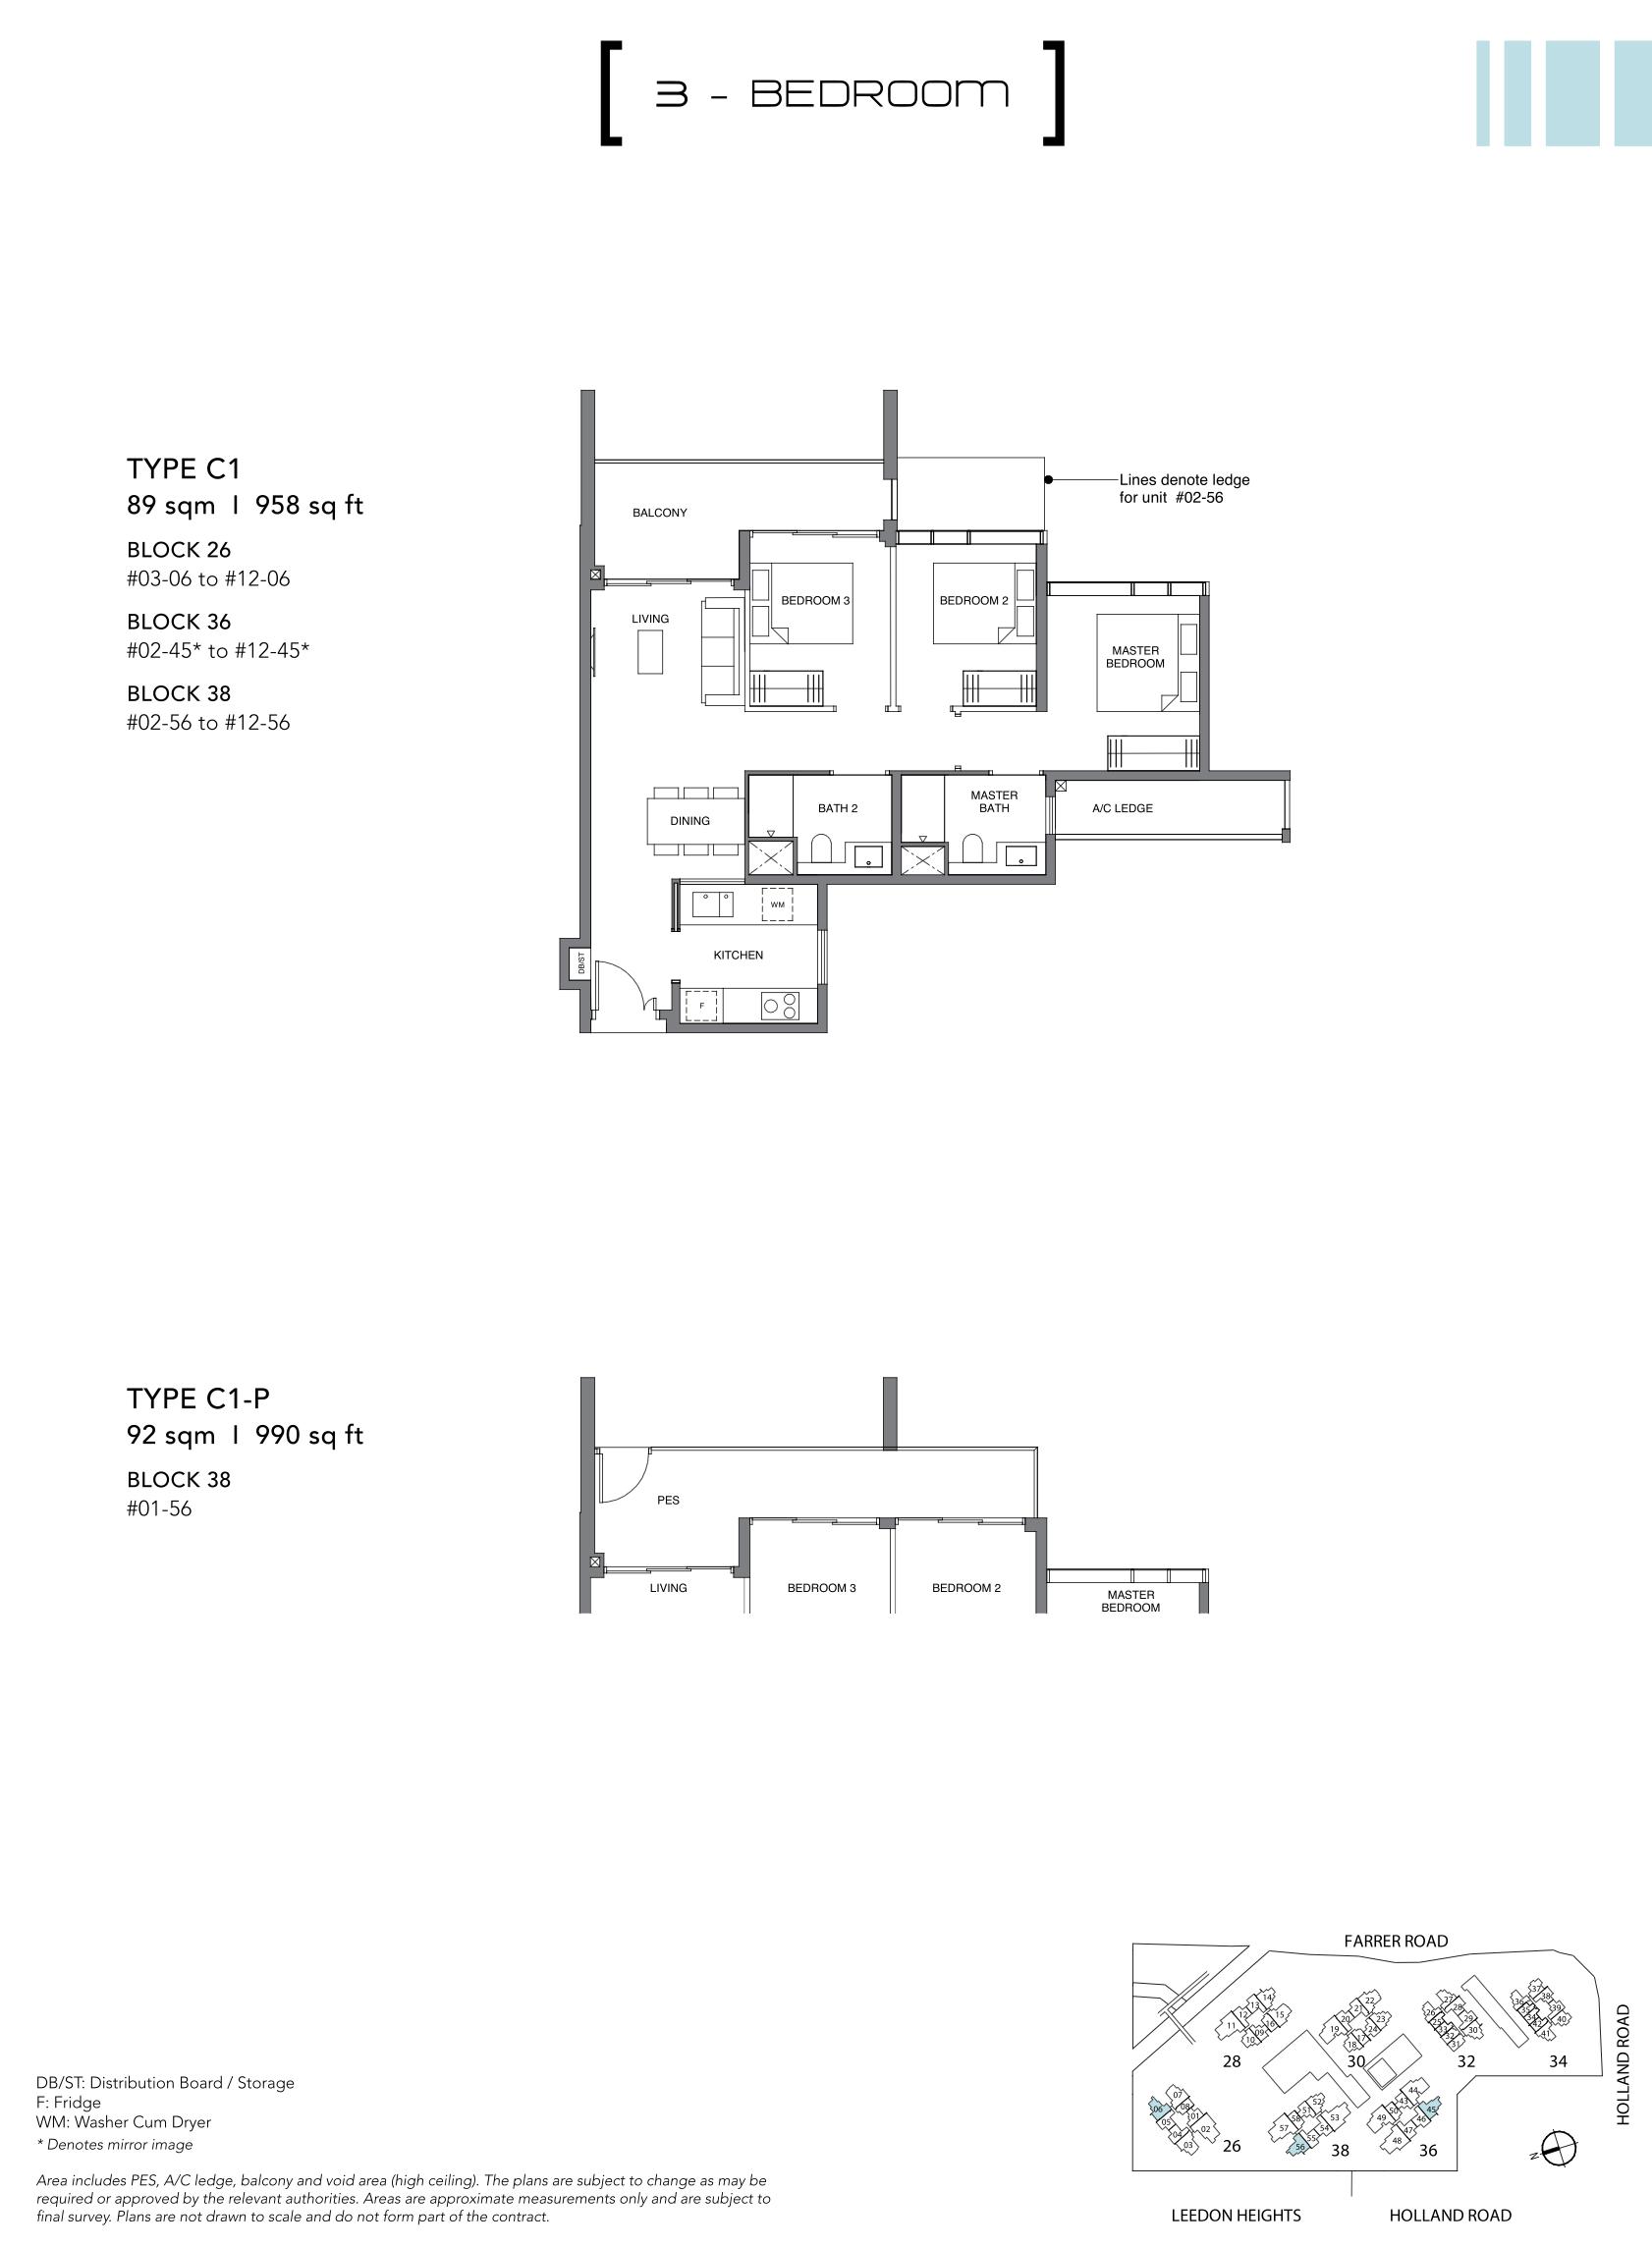 绿墩雅苑公寓户型图 Leedon Green floor plan 3 bedroom c1